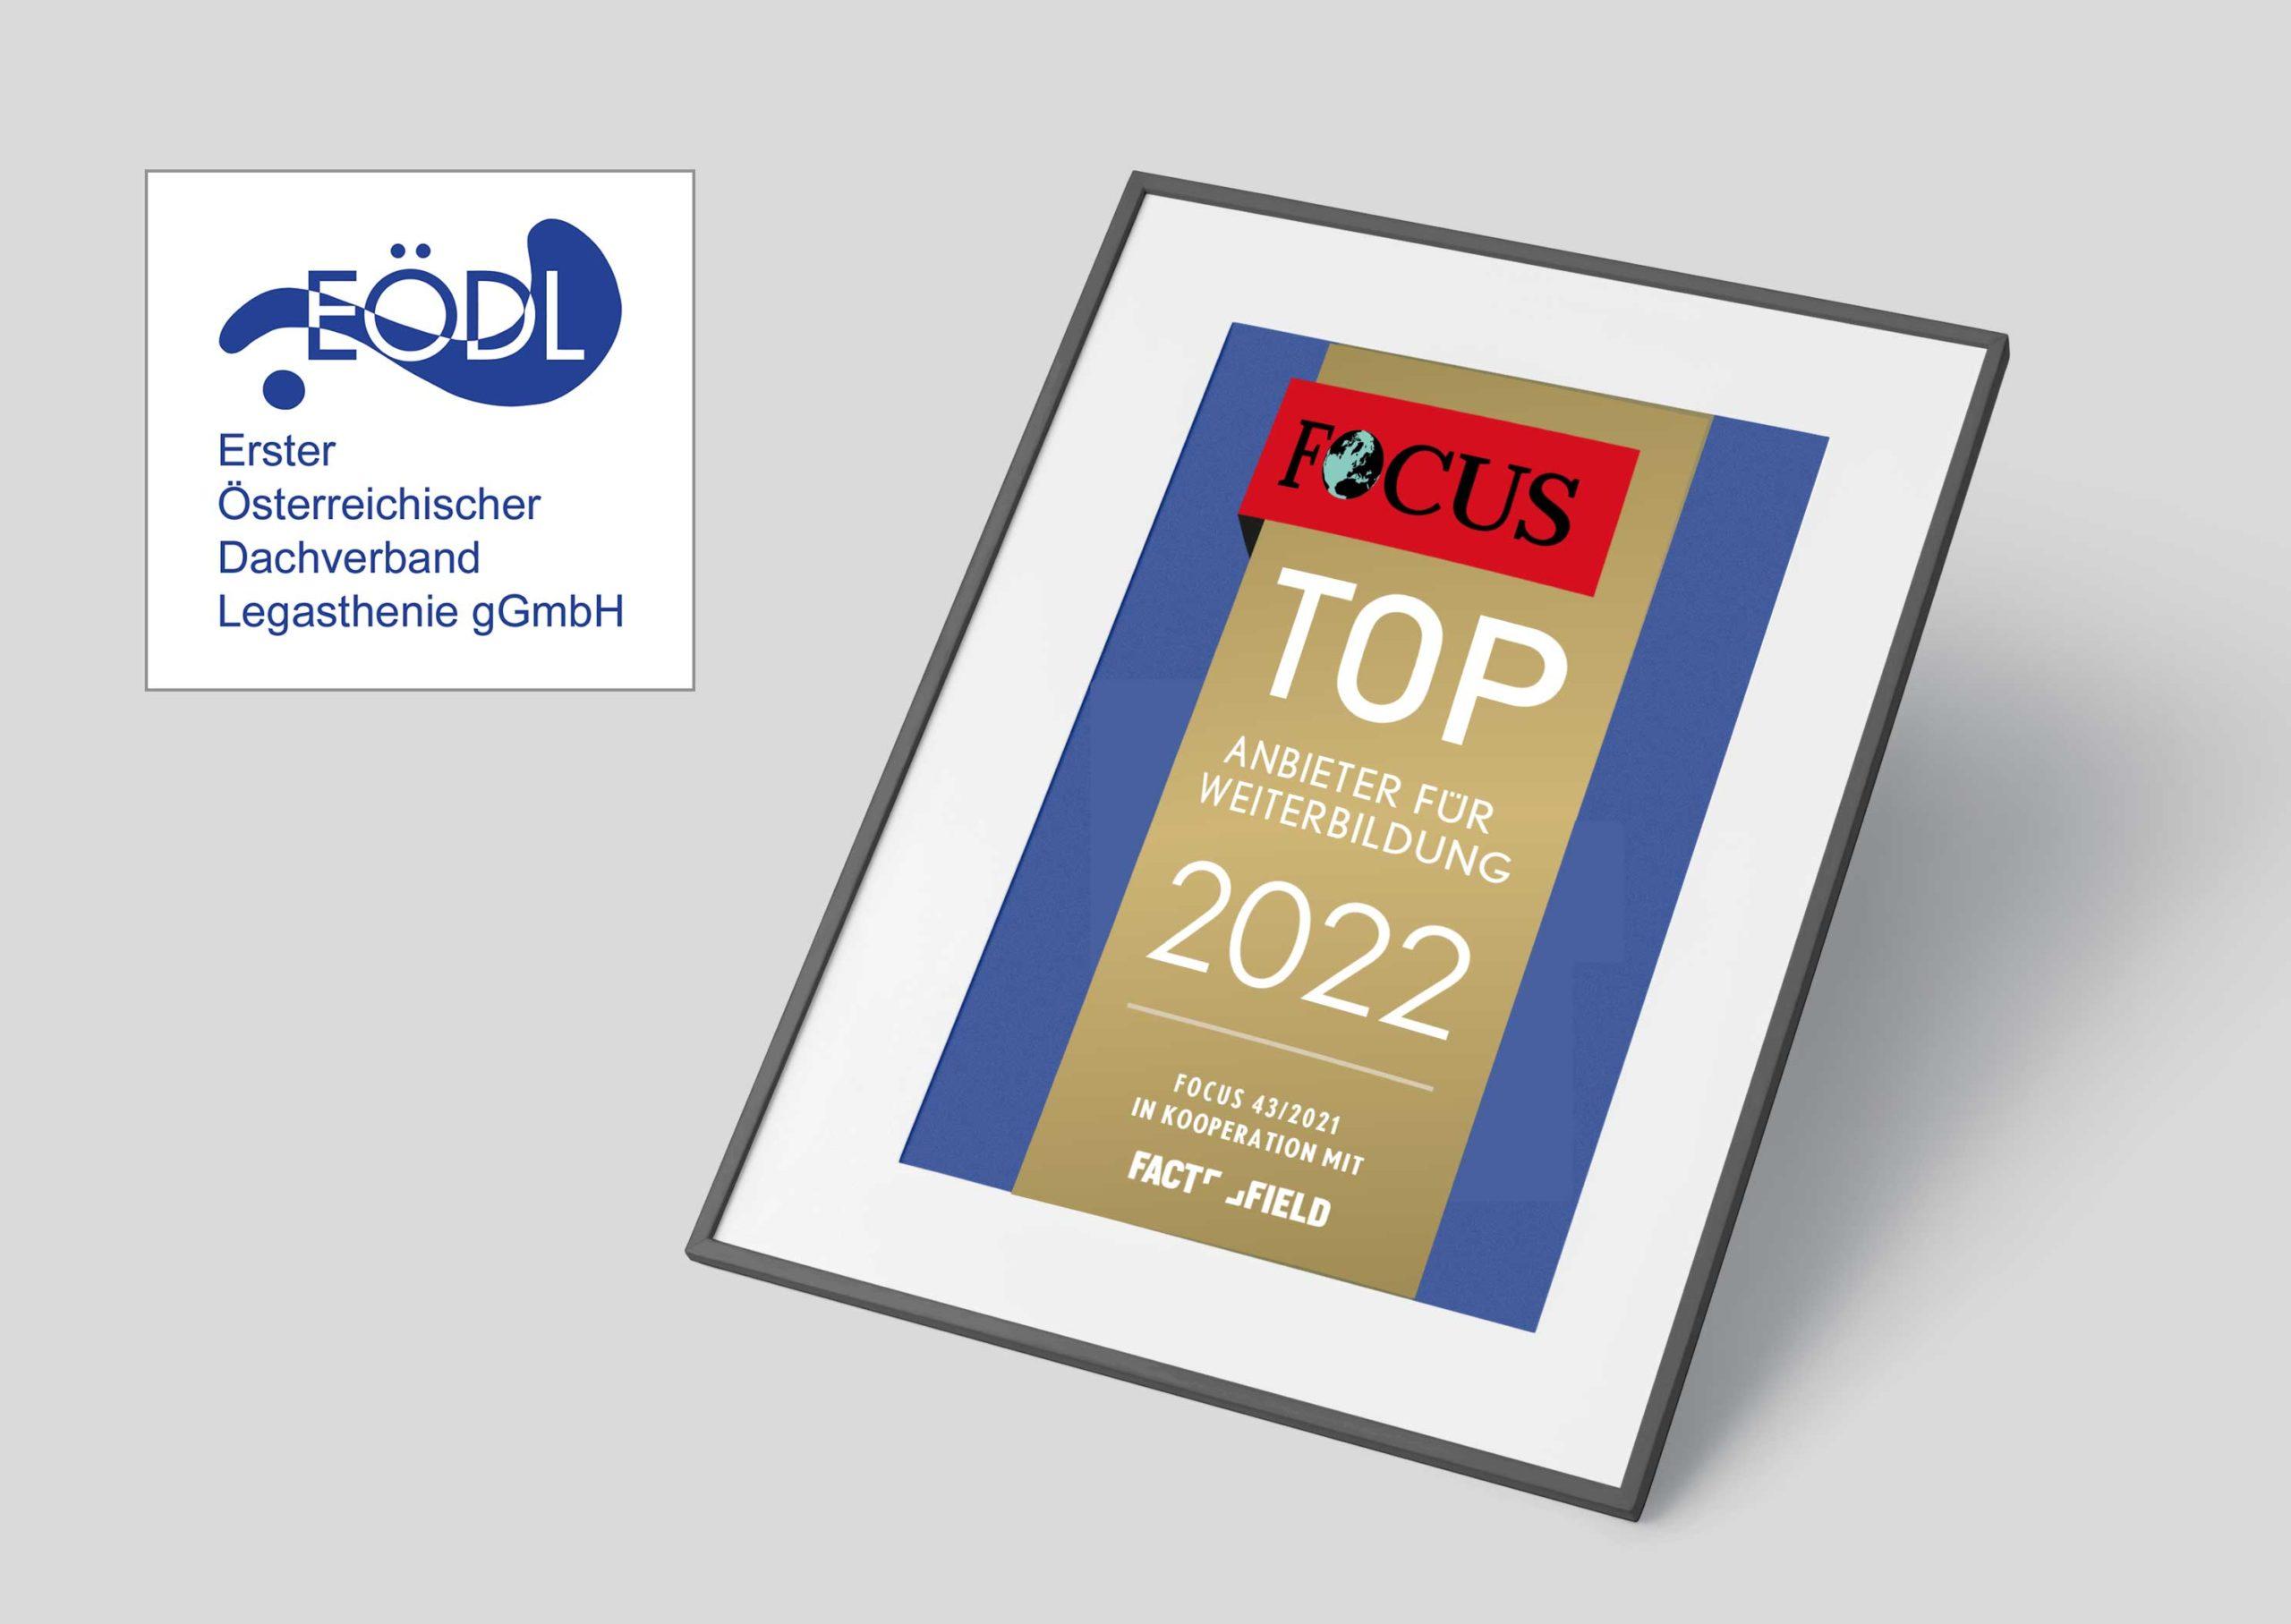 Top-Weiterbilder-2022